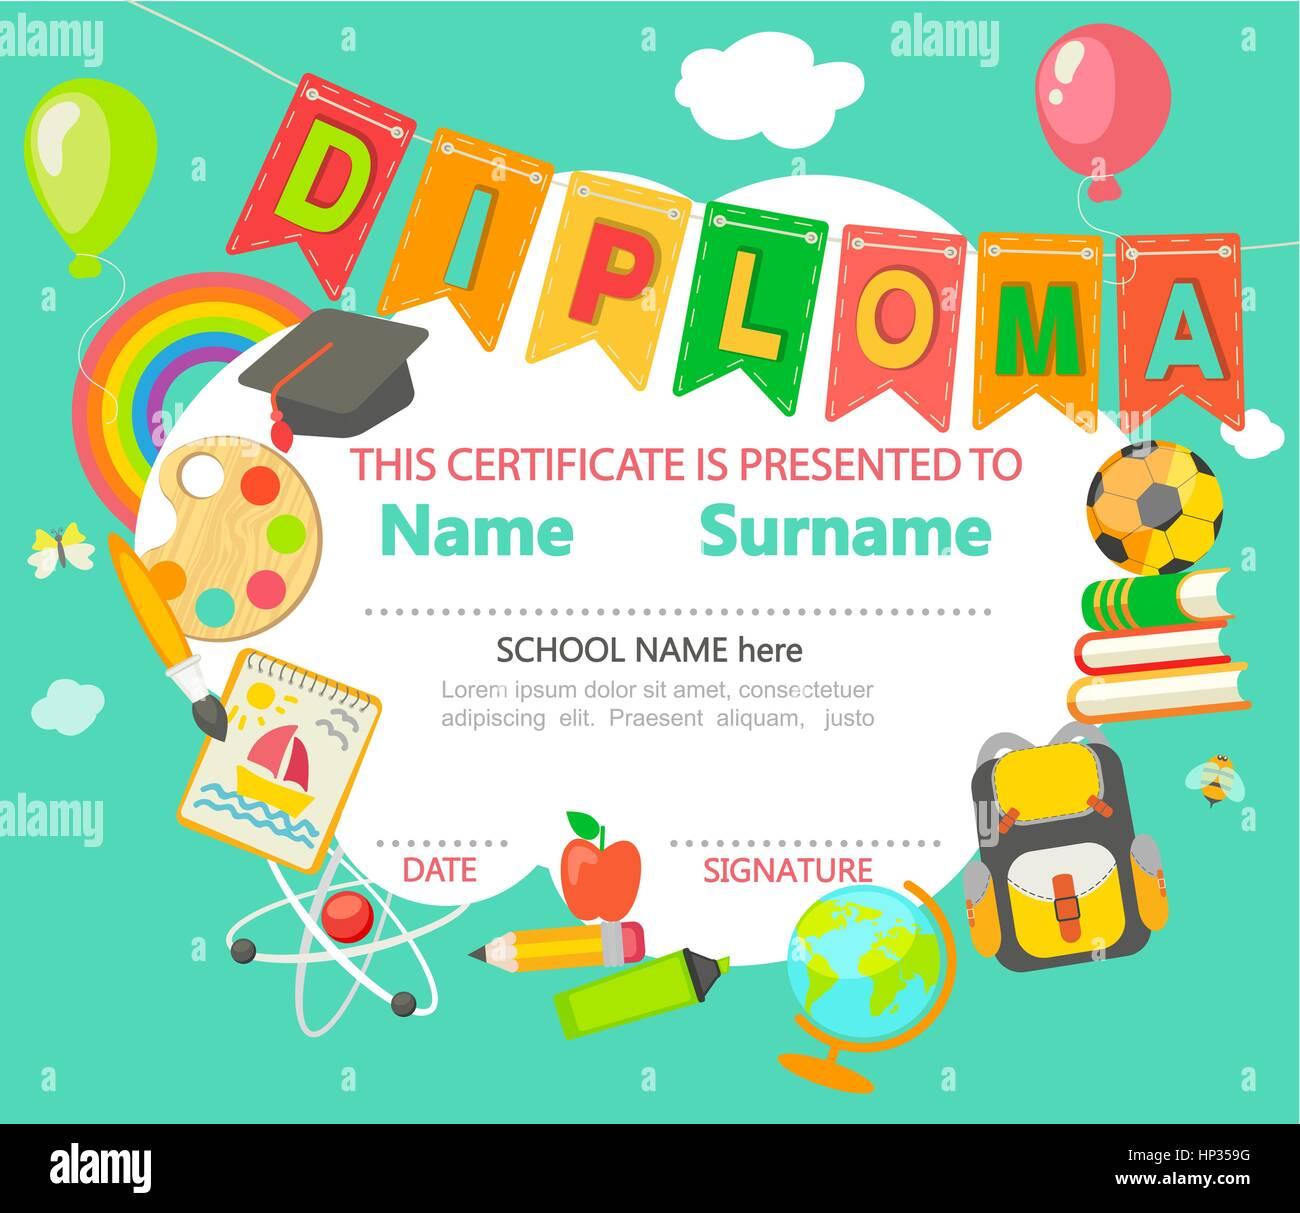 Ausgezeichnet Zertifikat Vorlage Kinder Bilder - Entry Level Resume ...